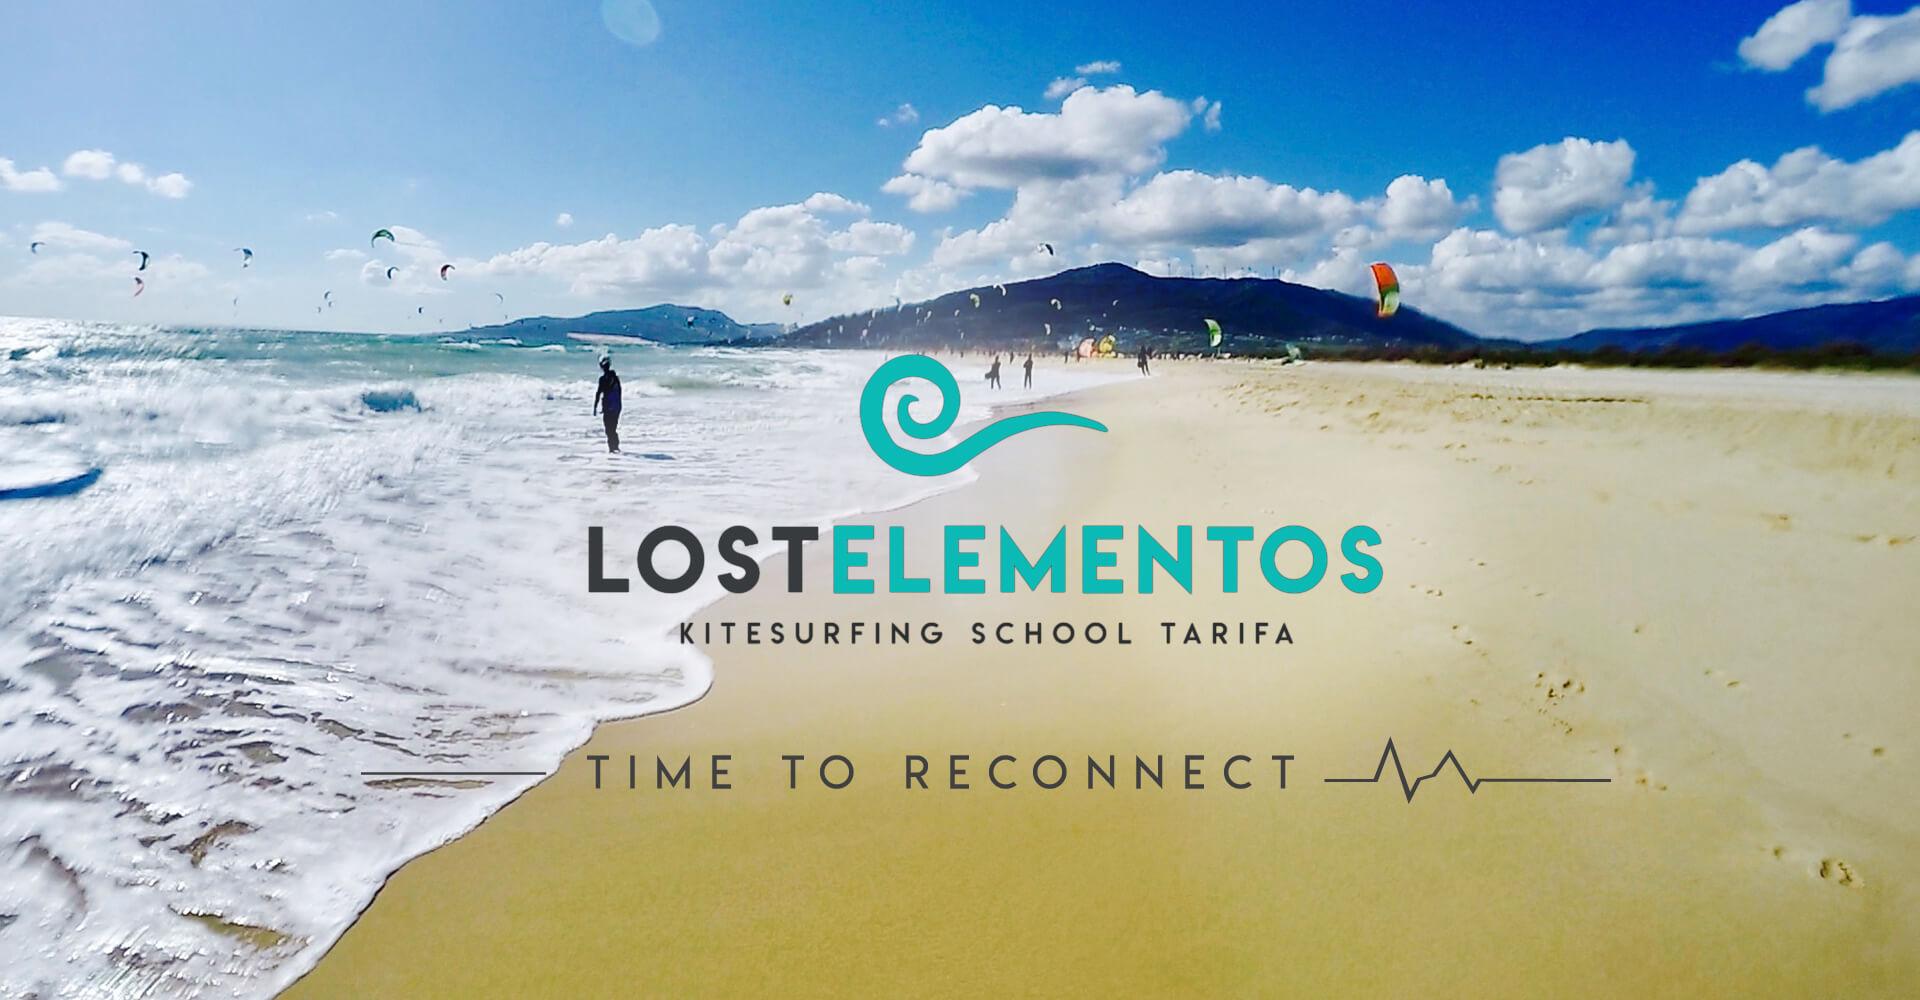 lostelementos_kitesurfing_school_tarifa